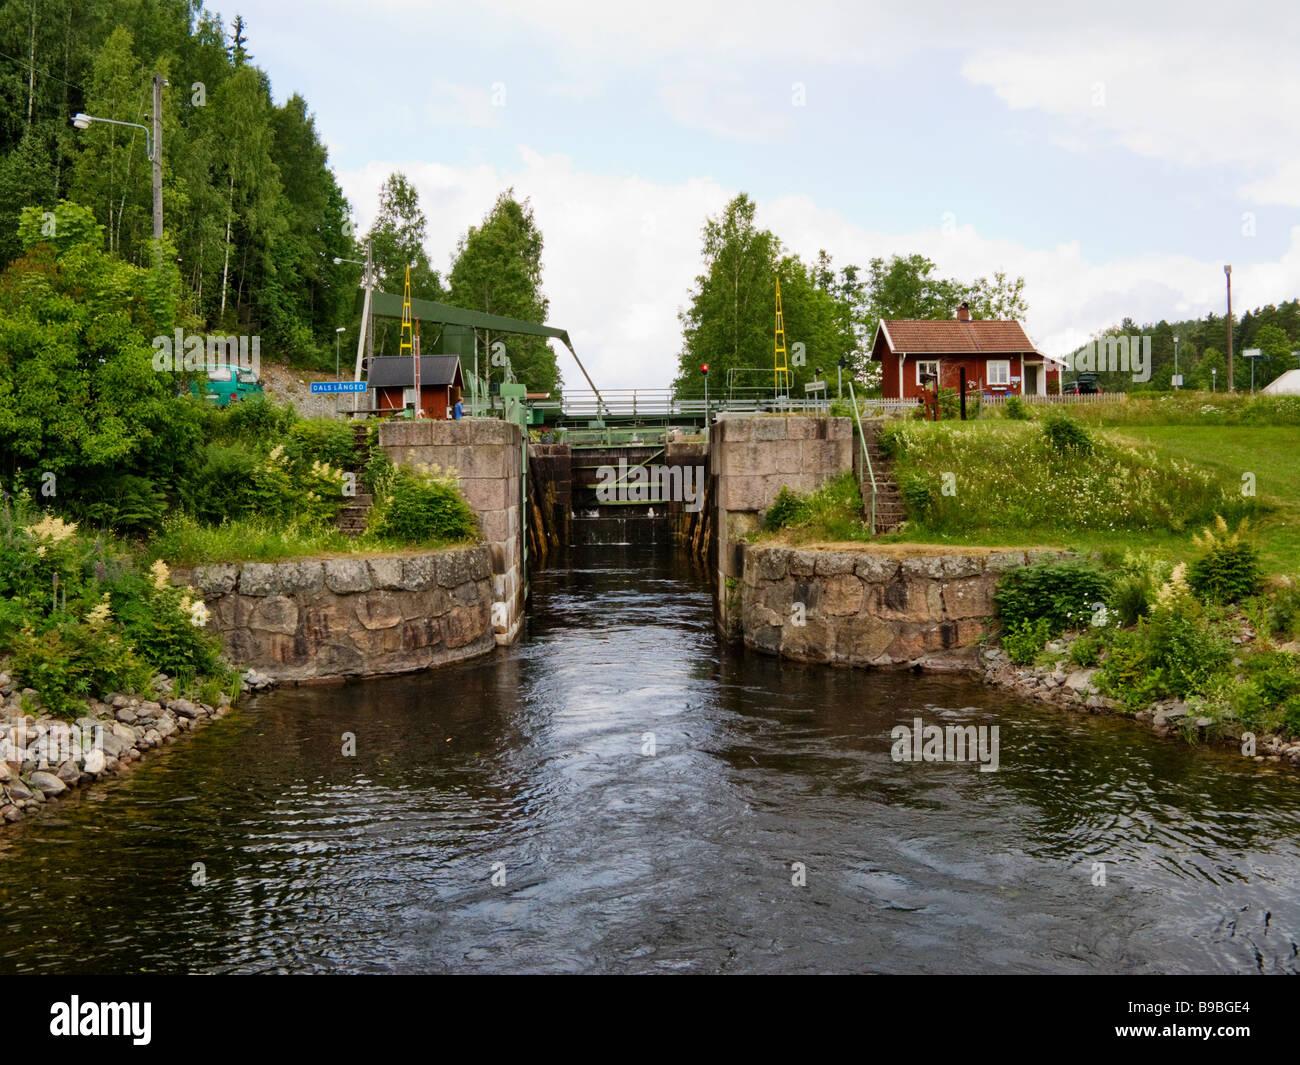 B&B i Lillstuga p bondgrd nra skog och sj. - Bed - Airbnb